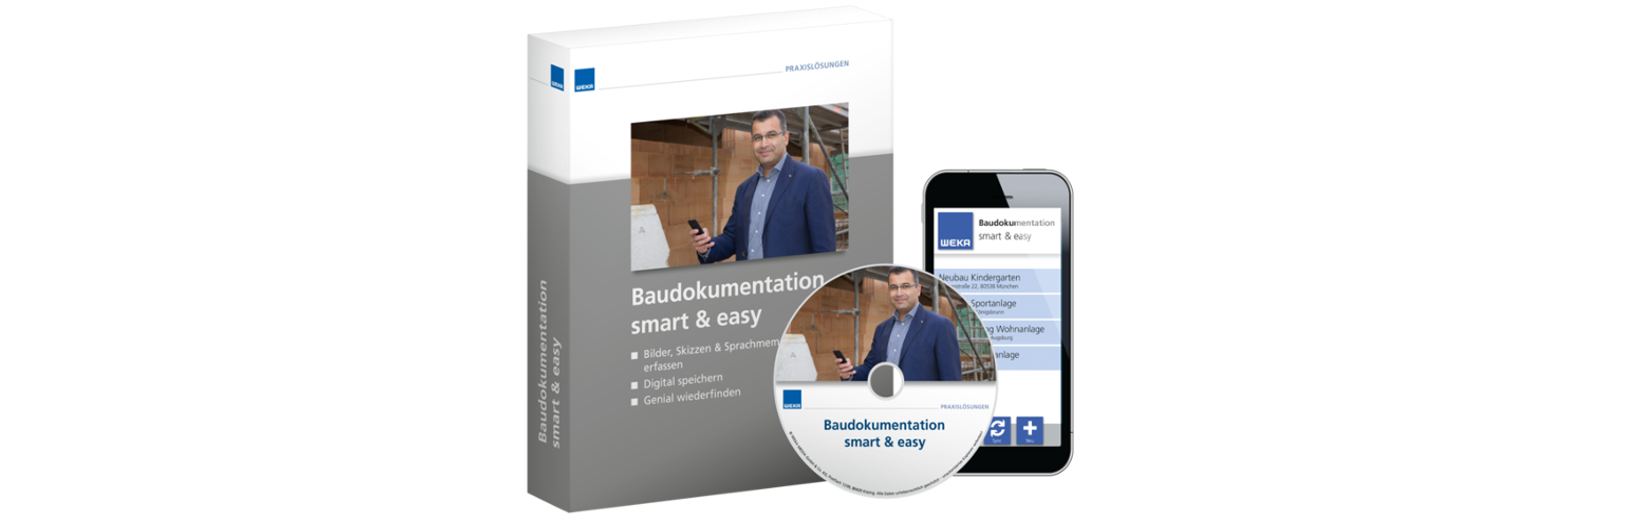 45_Baudokumentation_smarteasy